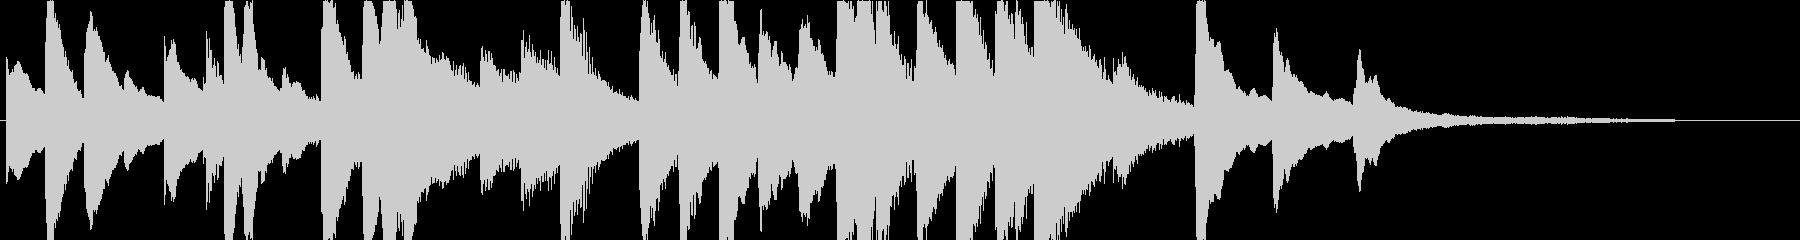 ジングル - しっとりピアノソロの未再生の波形